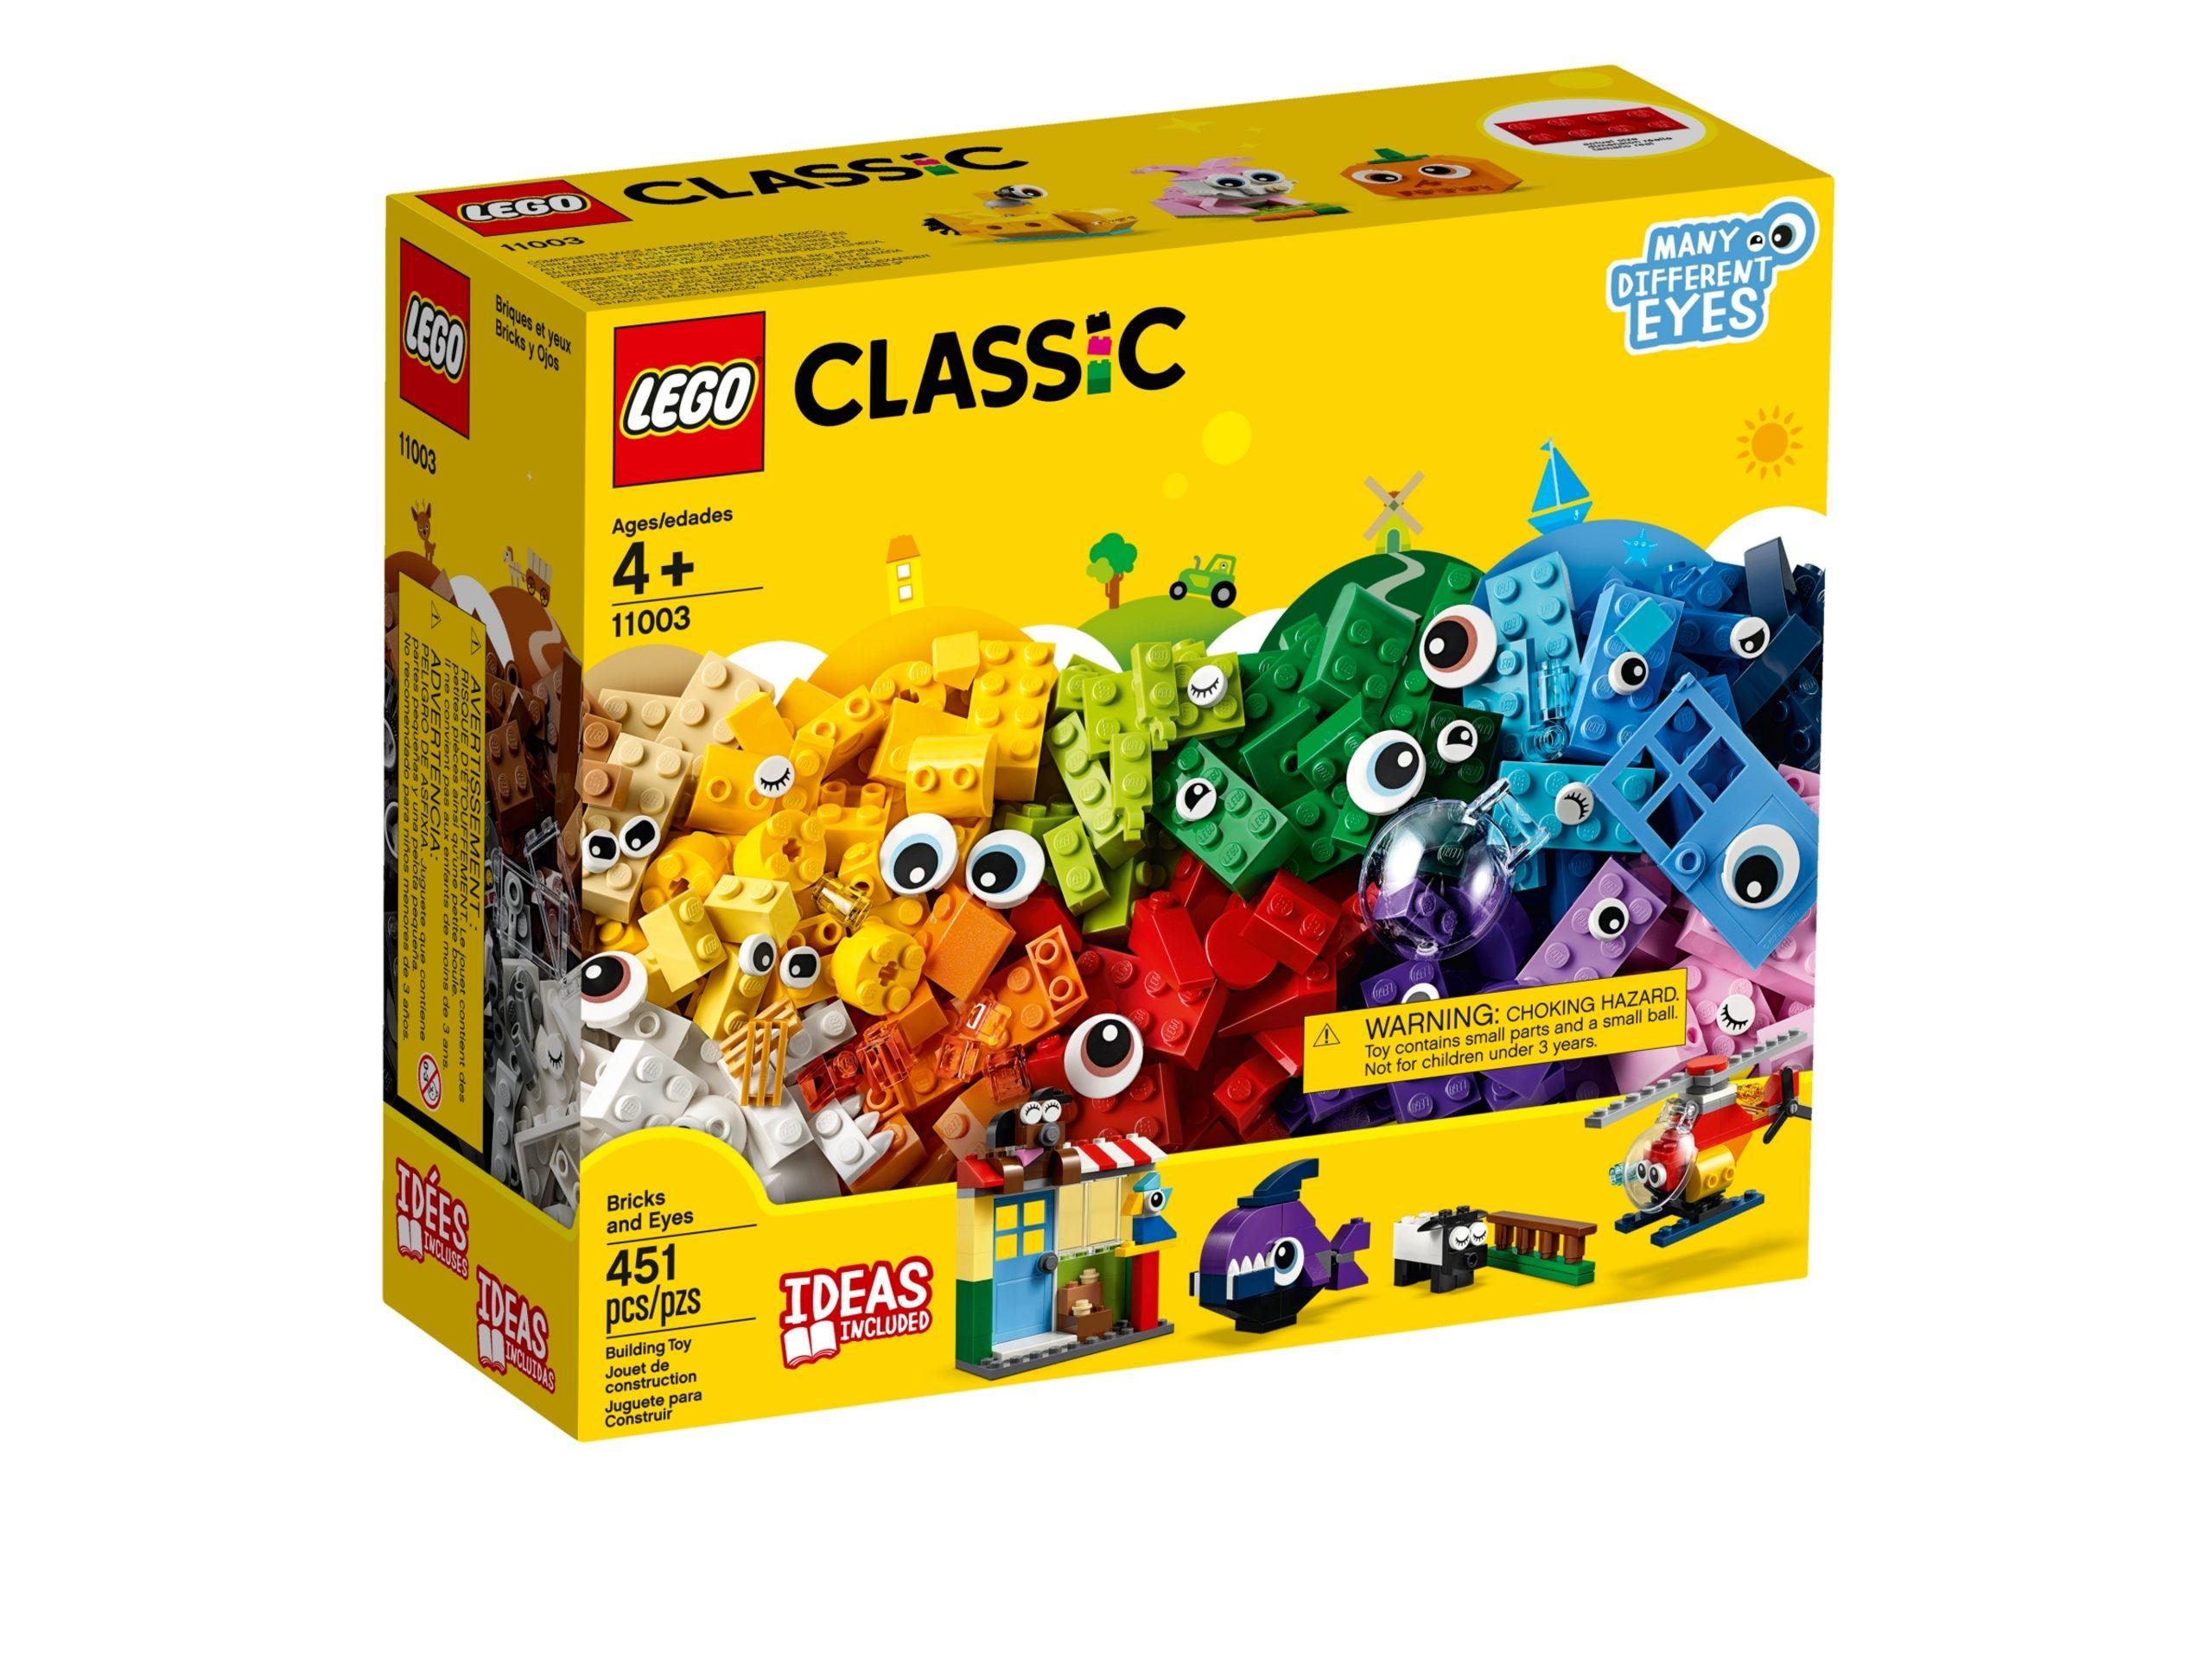 lego 11003 bricks and eyes scaled